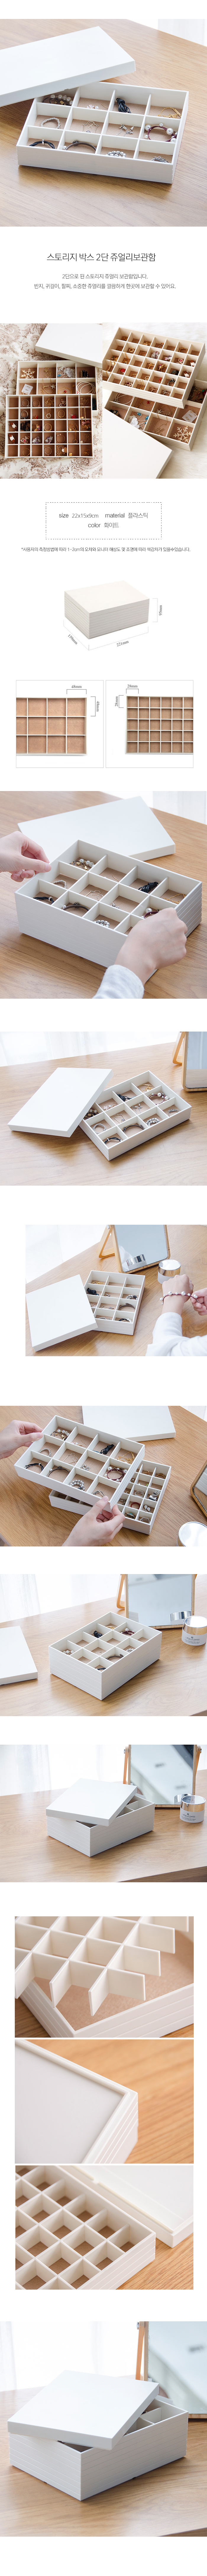 스토리지 박스 쥬얼리보관함 - 이비자, 24,000원, 장식소품, 소품케이스